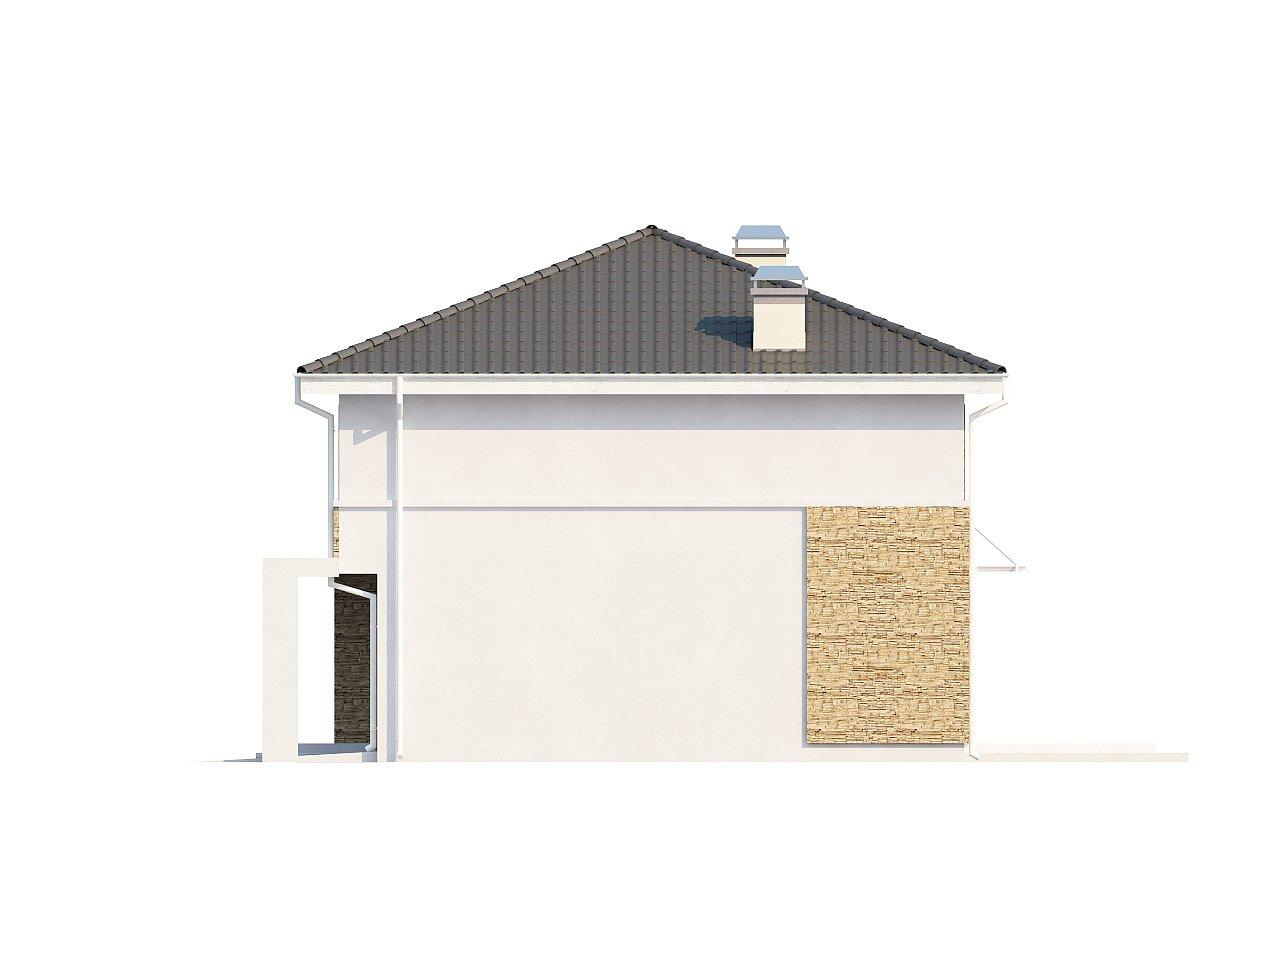 Просторный двухэтажный дом минималистичного современного дизайна. 9